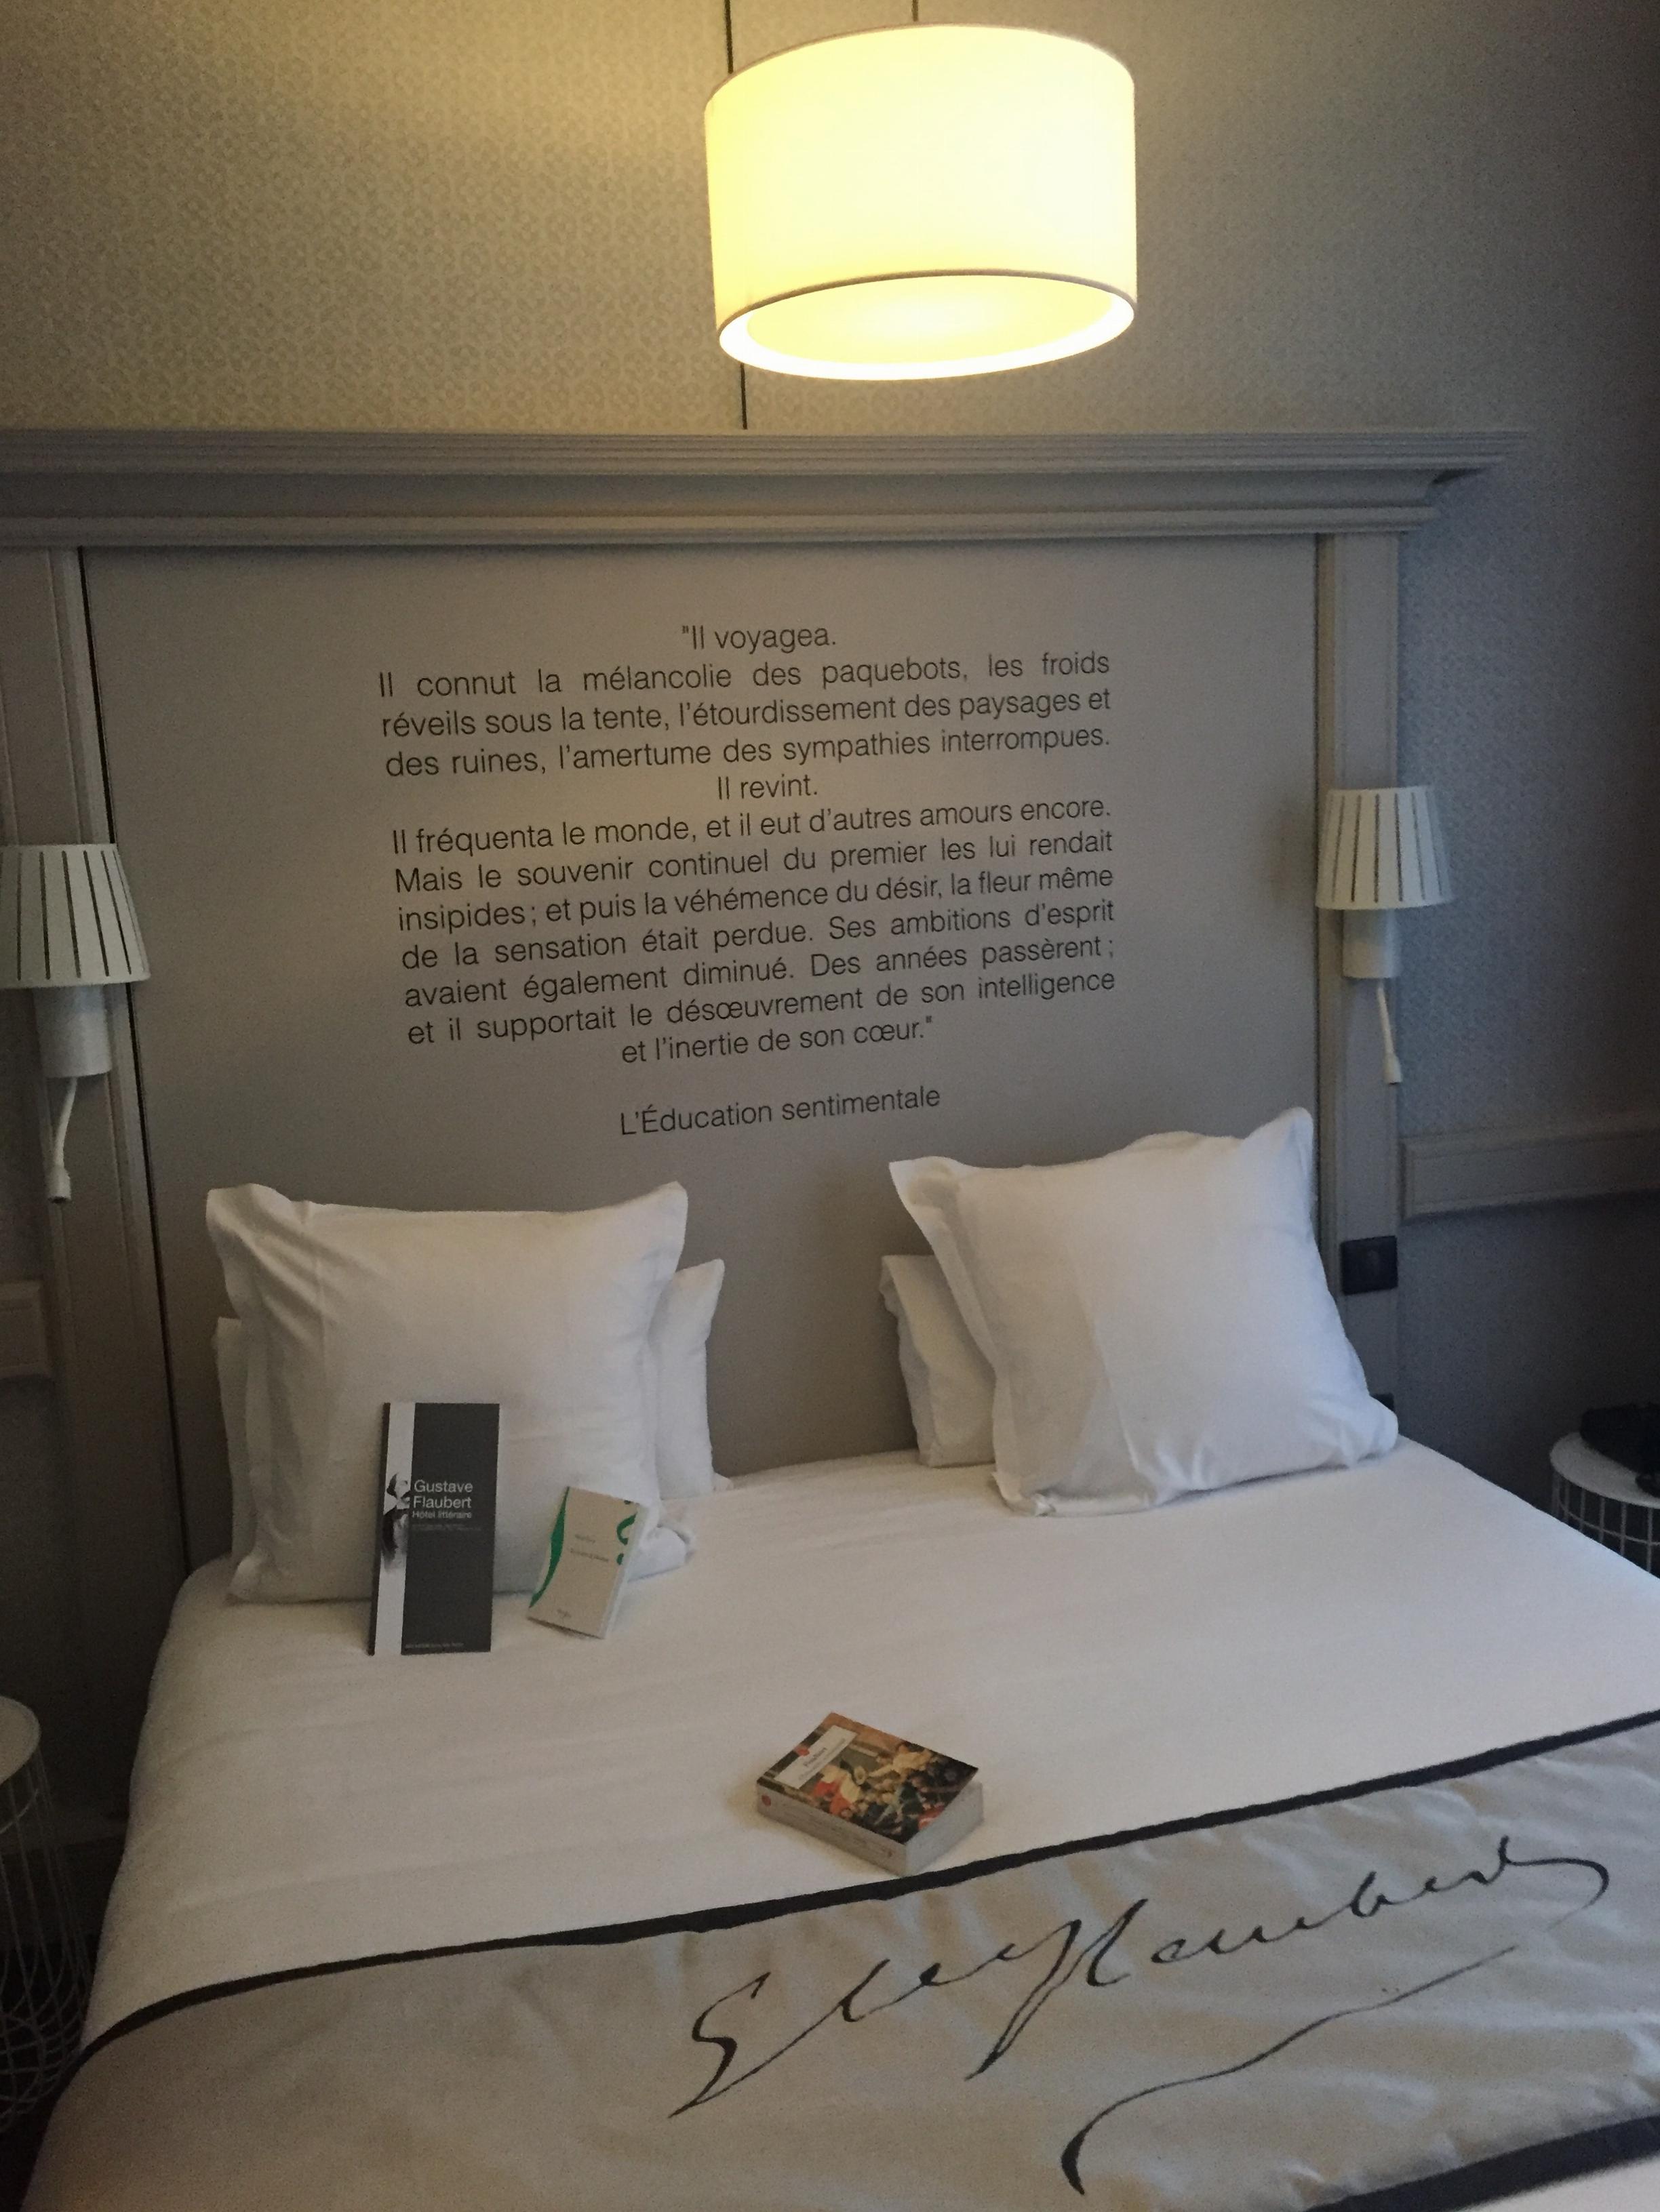 Chambre Louise-Hôtel littéraire Gustave Flaubert à Rouen